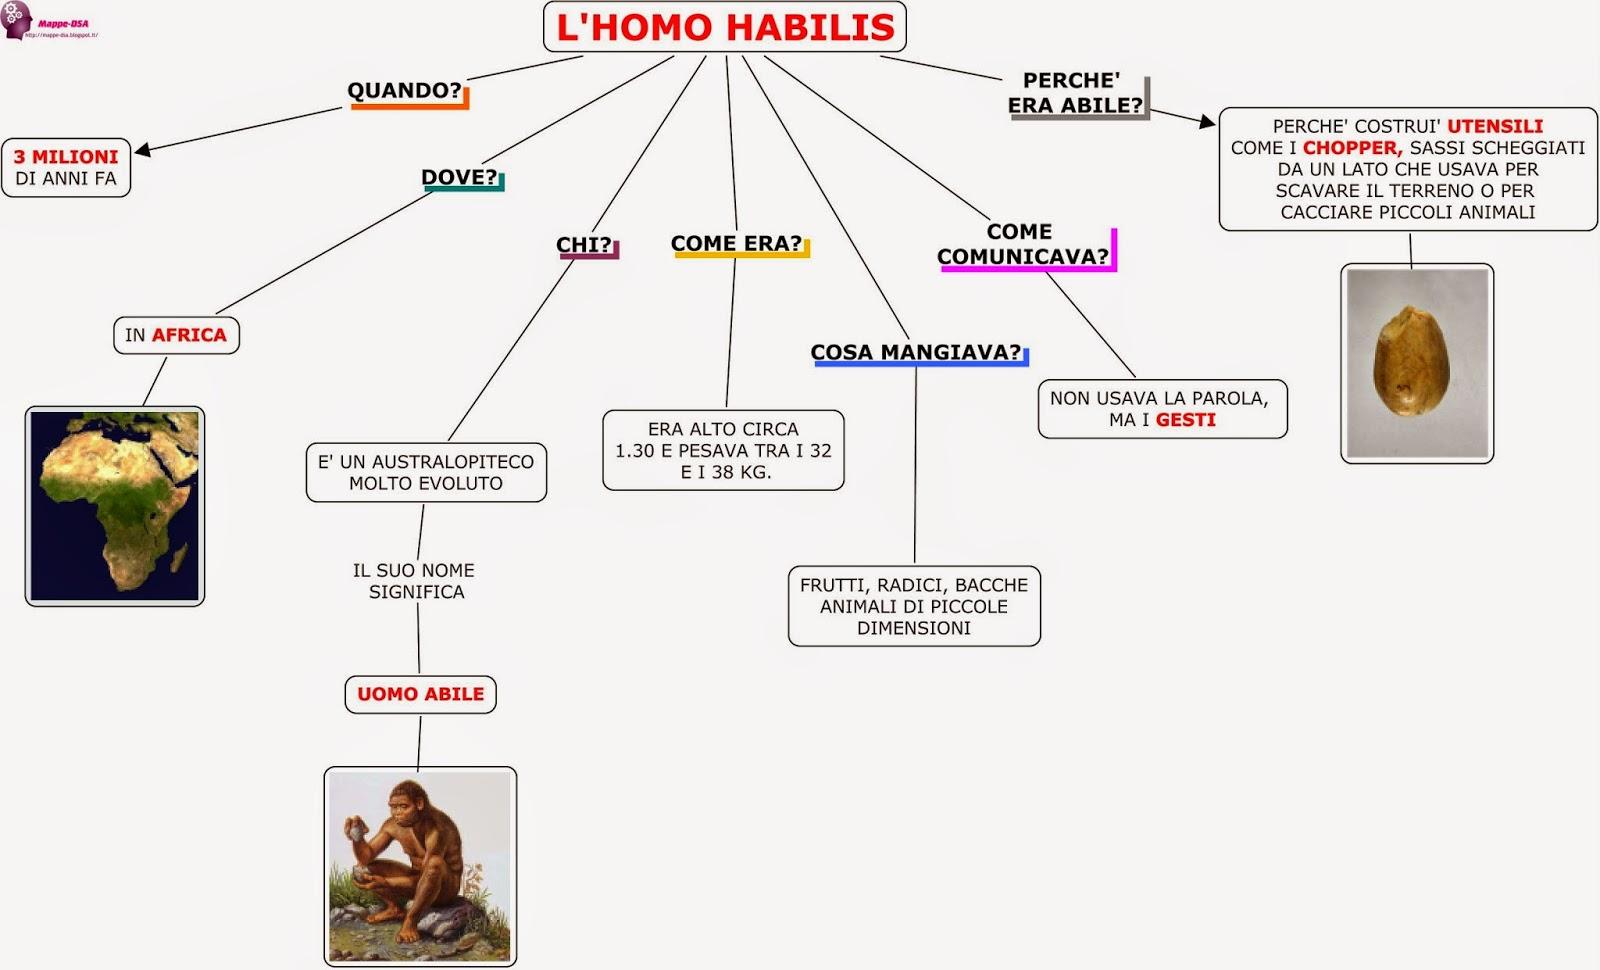 mappa dsa storia preistoria homo habilis